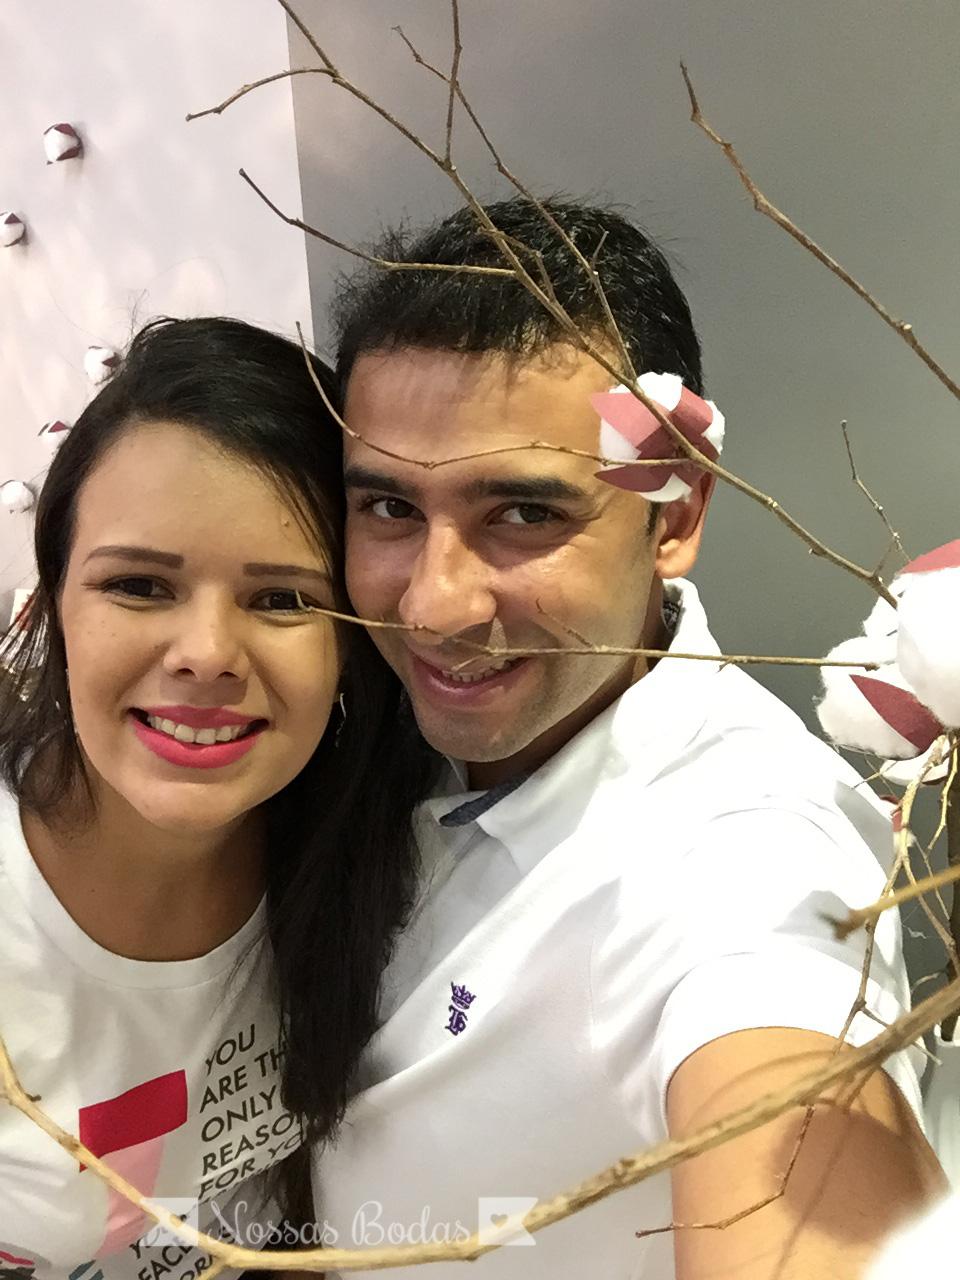 Bodas de Algodão - Dois anos de casamento dos leitores Keilly e Ricardo - Blog Nossas Bodas (12)